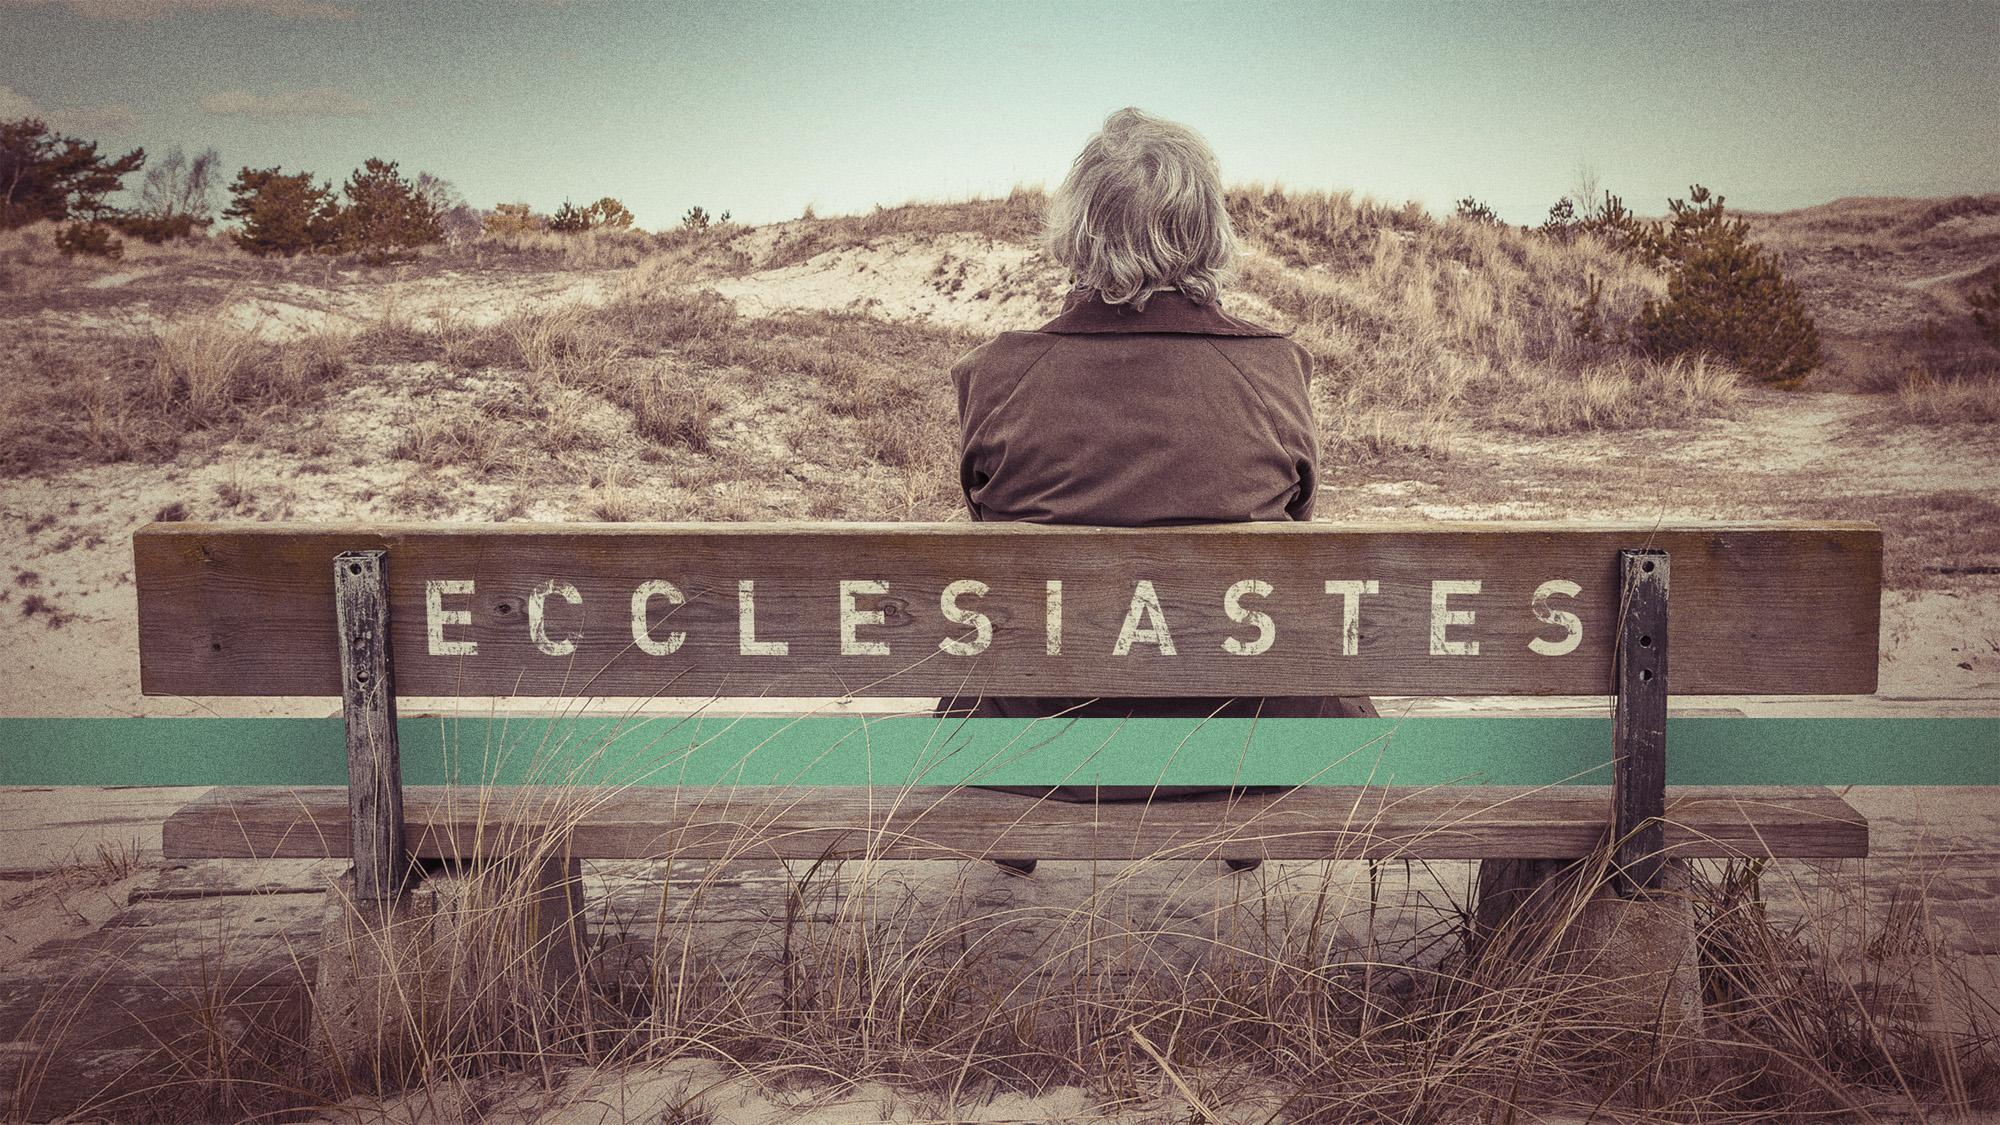 Ecclesiastes_WIDE-TITLE-1.jpg